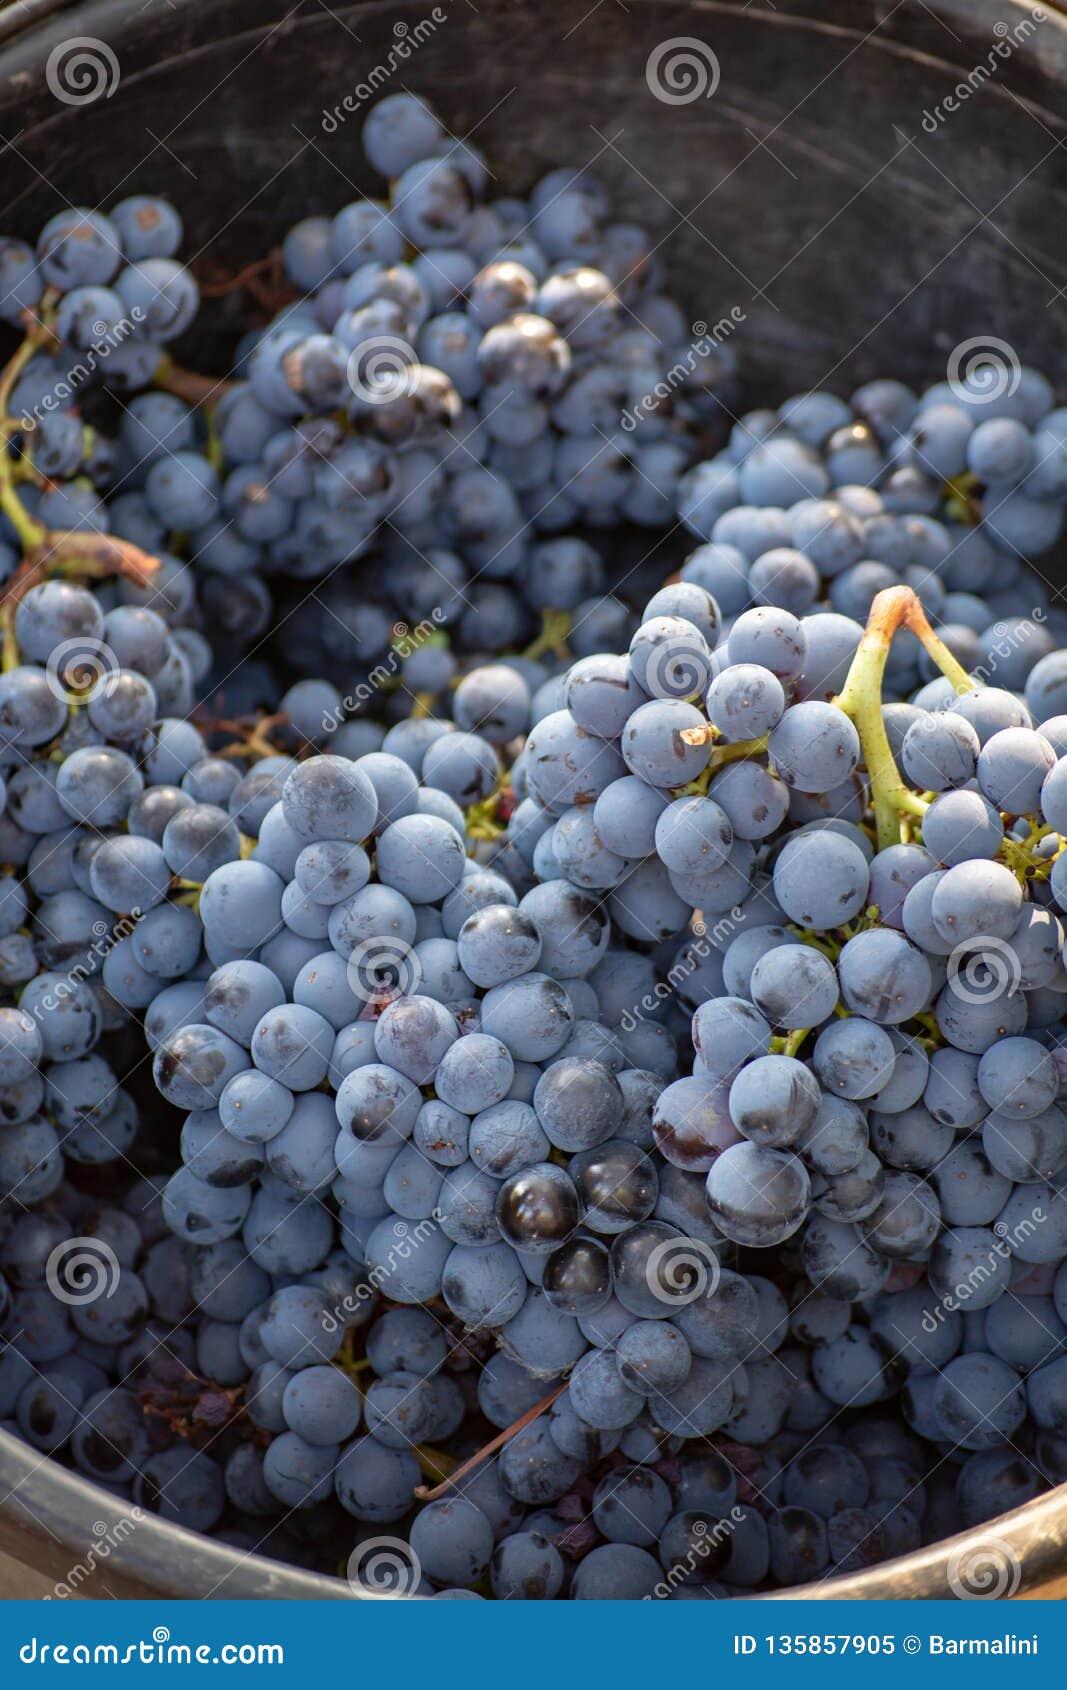 Primera nueva cosecha de la uva de vino negra en Provence, Francia, lista para primero presionar, festival tradicional en Francia